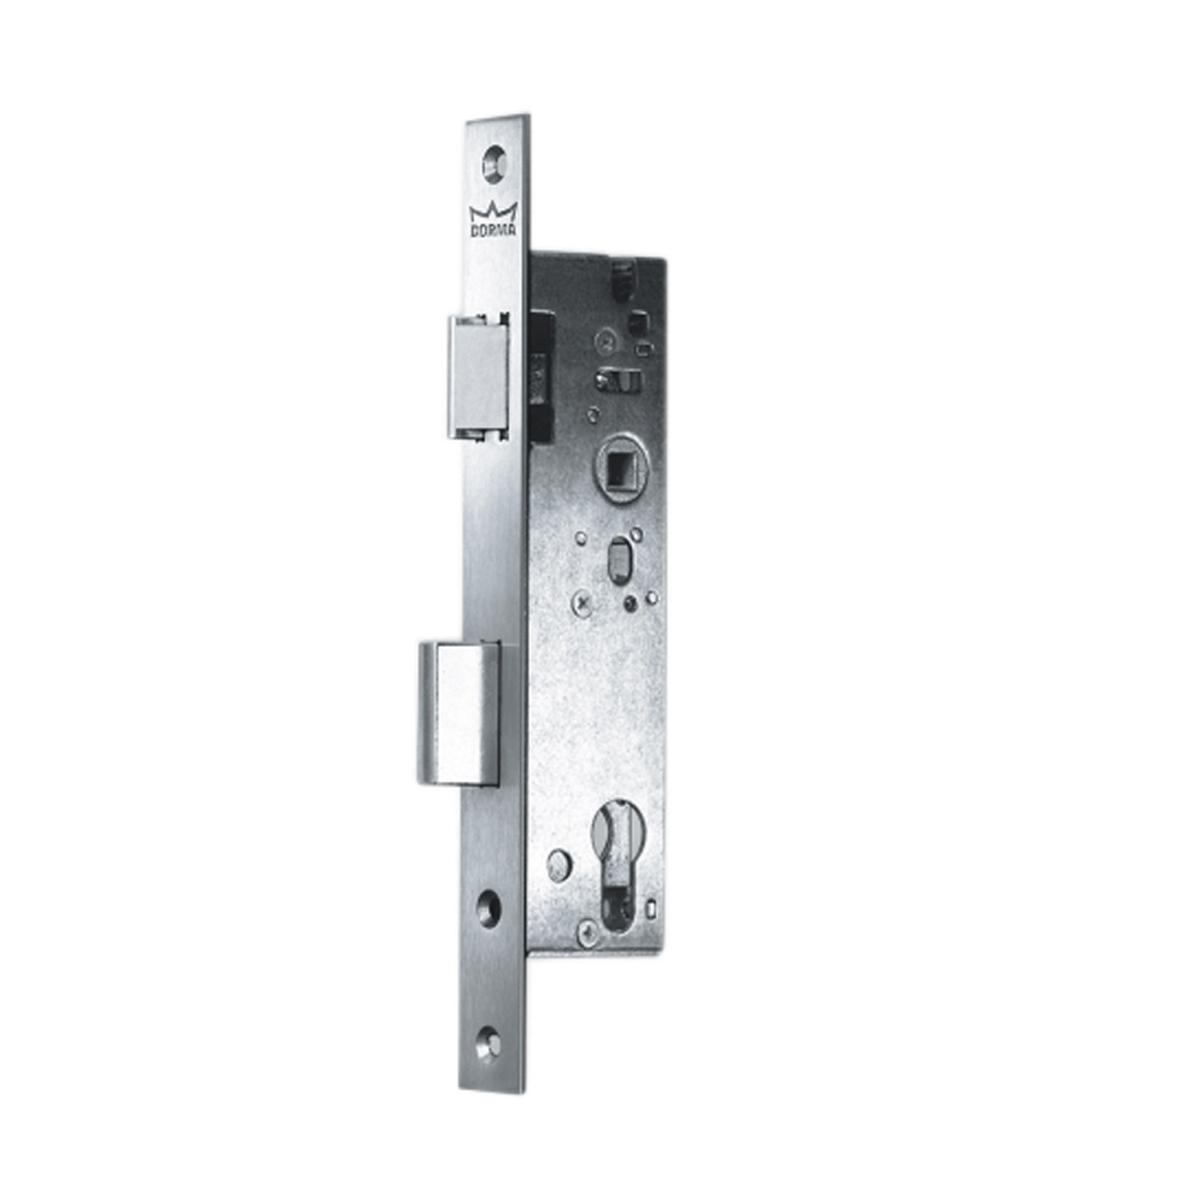 Mortise Locks For Narrow Stile Doors